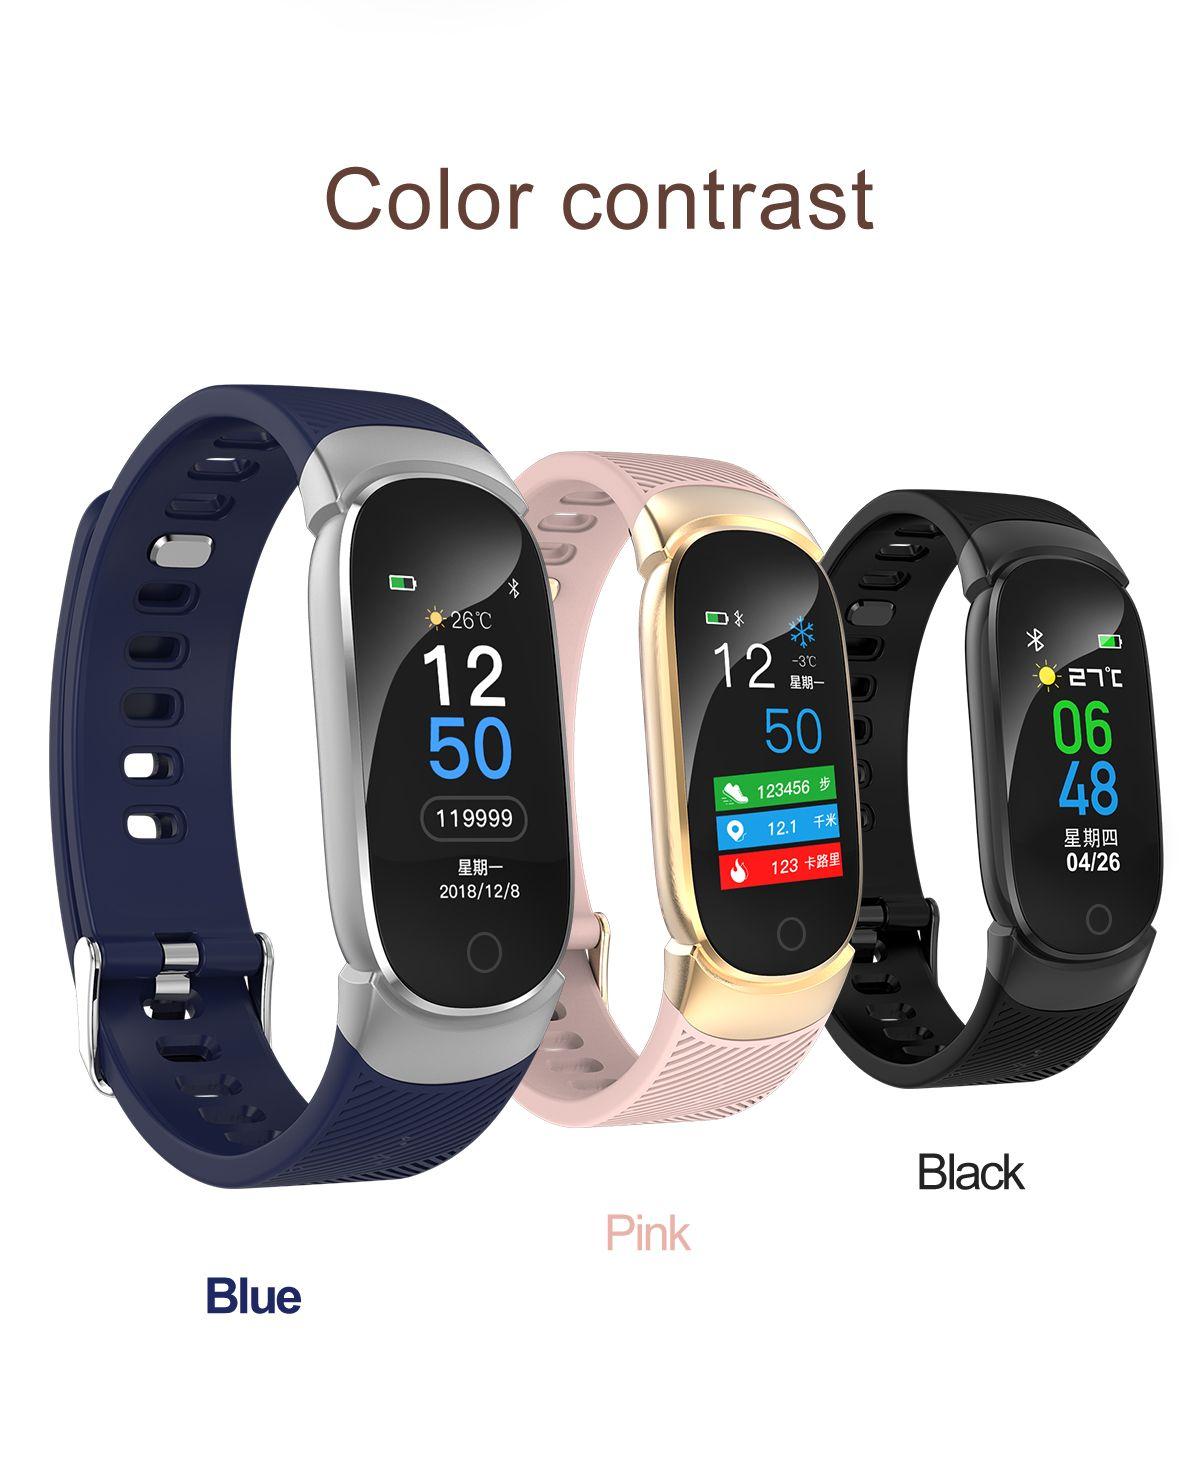 QW16 سمارت ووتش الرياضة اللياقة البدنية النشاط معدل ضربات القلب المقتفي ضغط الدم ووتش الذكية ووتش relogio الروبوت الهاتف SmartWatch